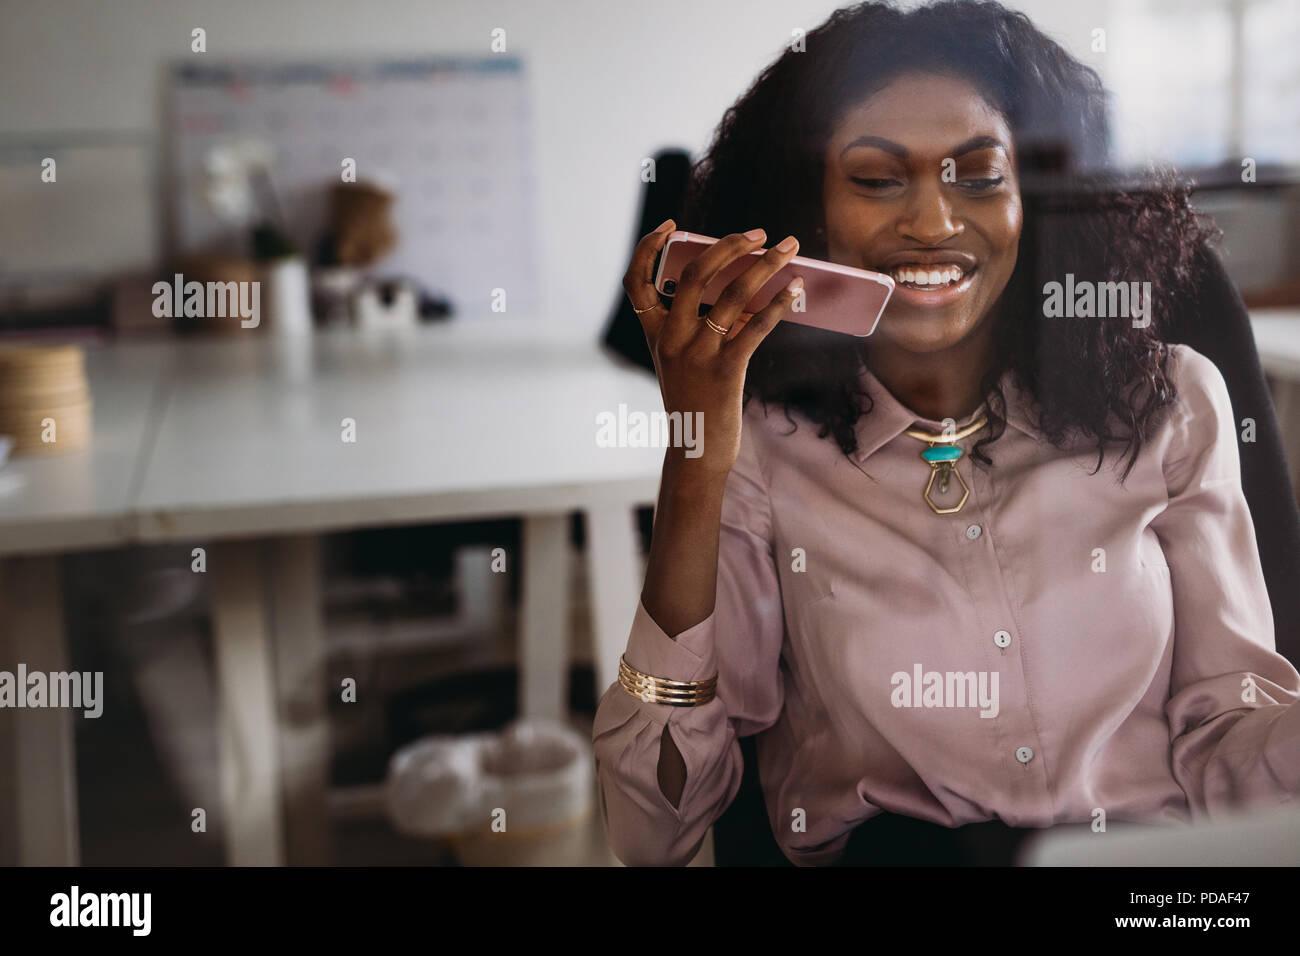 Empresaria en atuendo formal hablando a través del altavoz del teléfono móvil sentada en su casa. Empresaria administrar el negocio desde su casa discutiendo wor Imagen De Stock